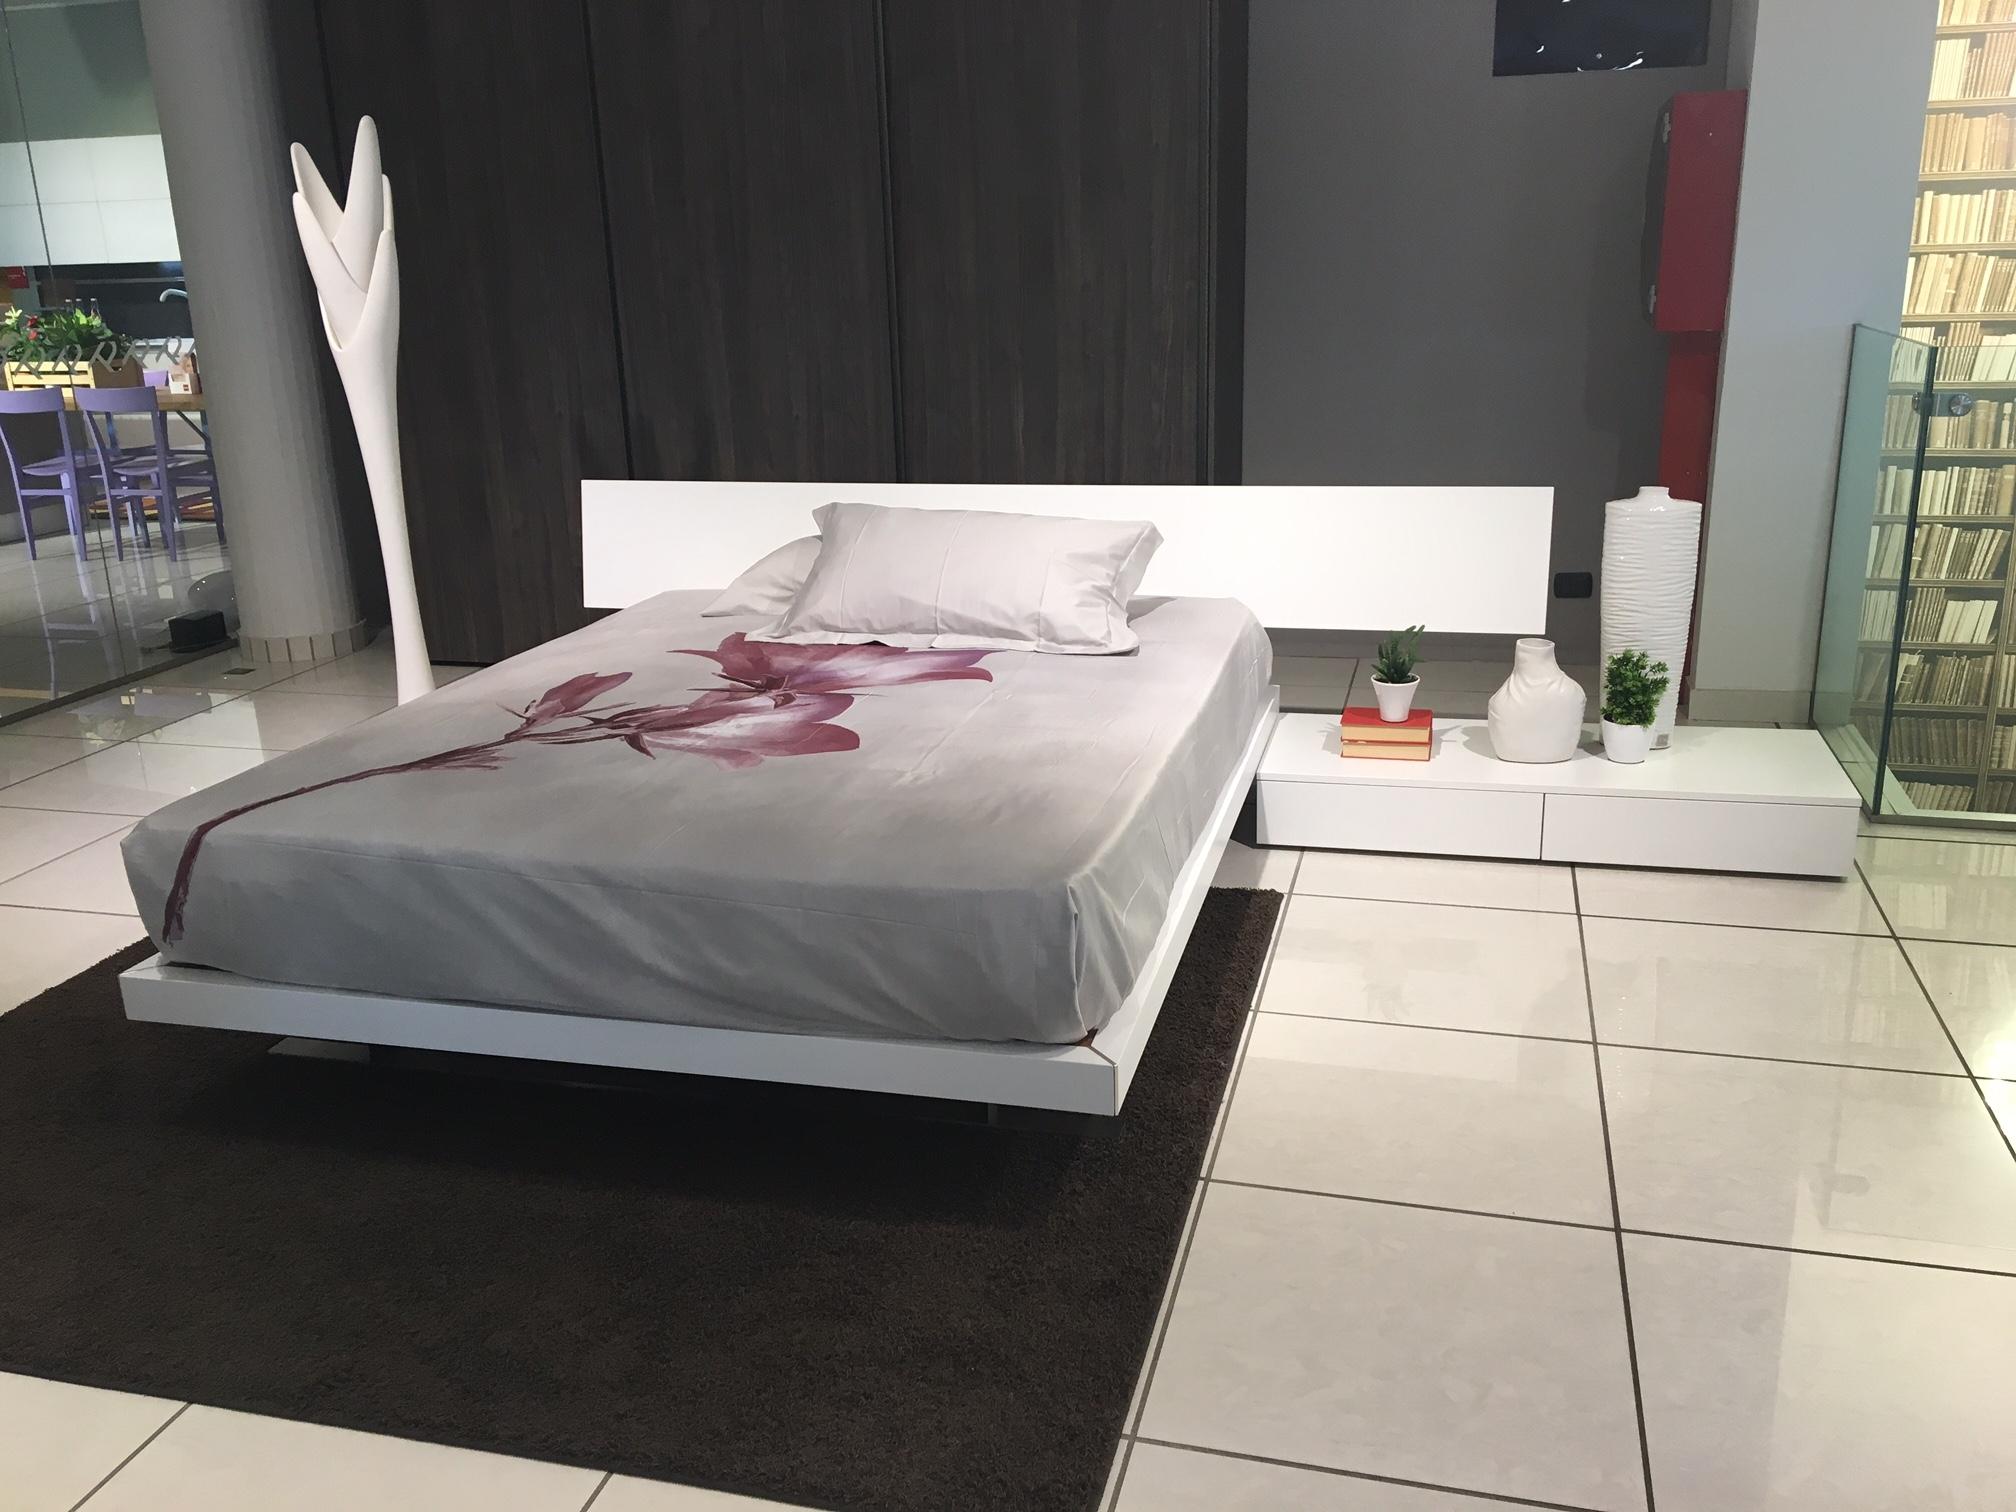 Letto flou duetto prezzo design per la casa moderna for Prezzo letto tadao flou